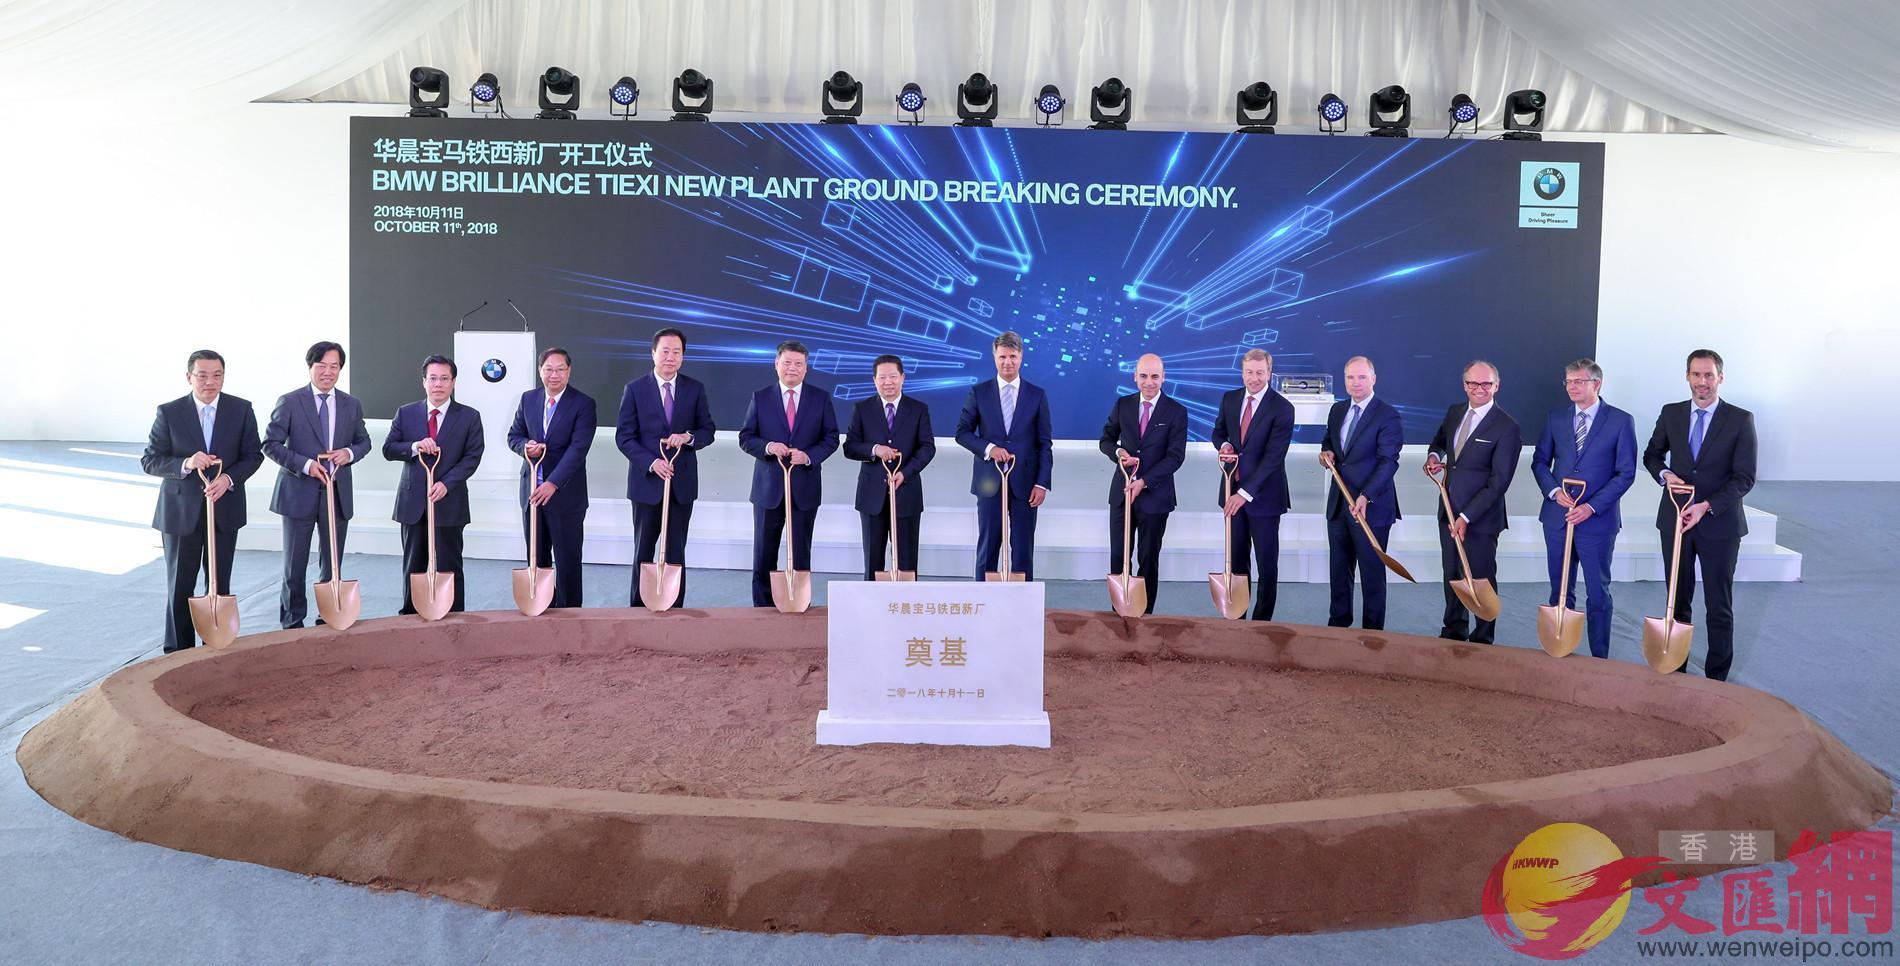 寶馬將投30億歐元用於華晨寶馬在中國的項目擴建等,其中位於瀋陽鐵西的新工廠建成後將實現產能翻倍。圖為11日舉行的新工廠奠基儀式。(本網遼寧傳真)